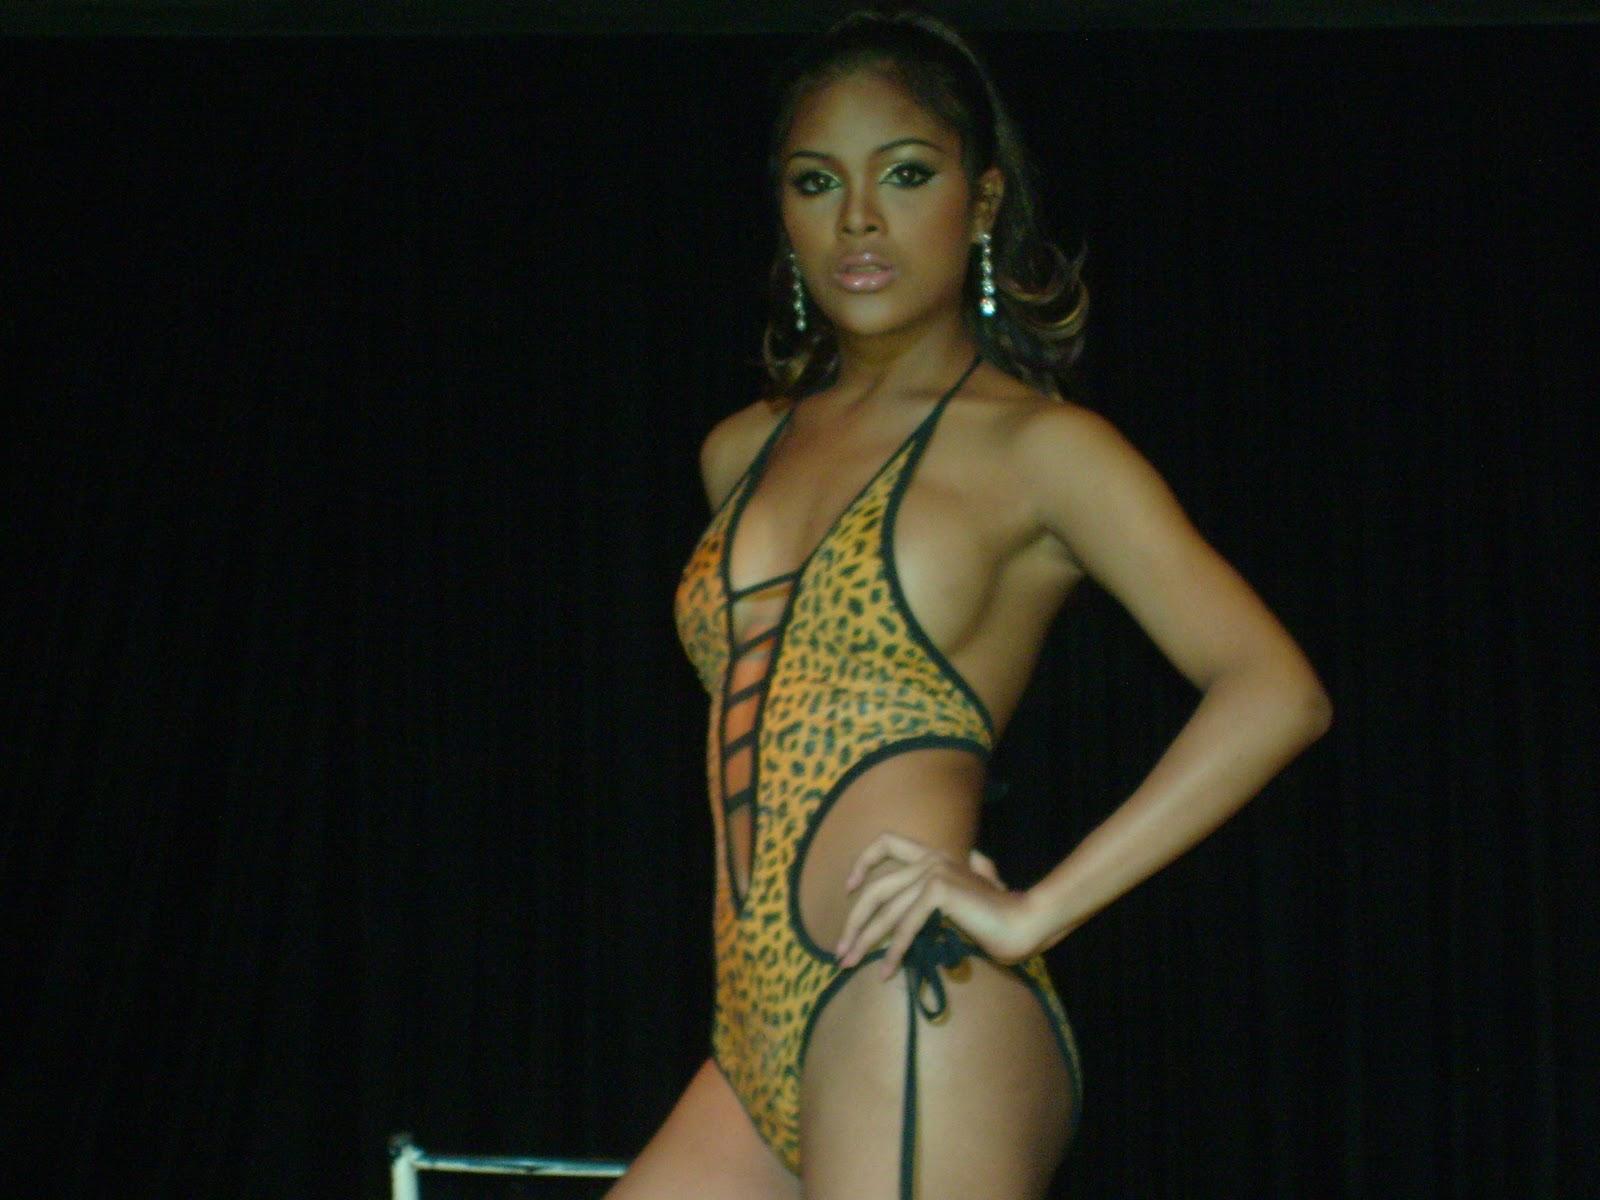 damer uden tøj på Istedgade prostituerede